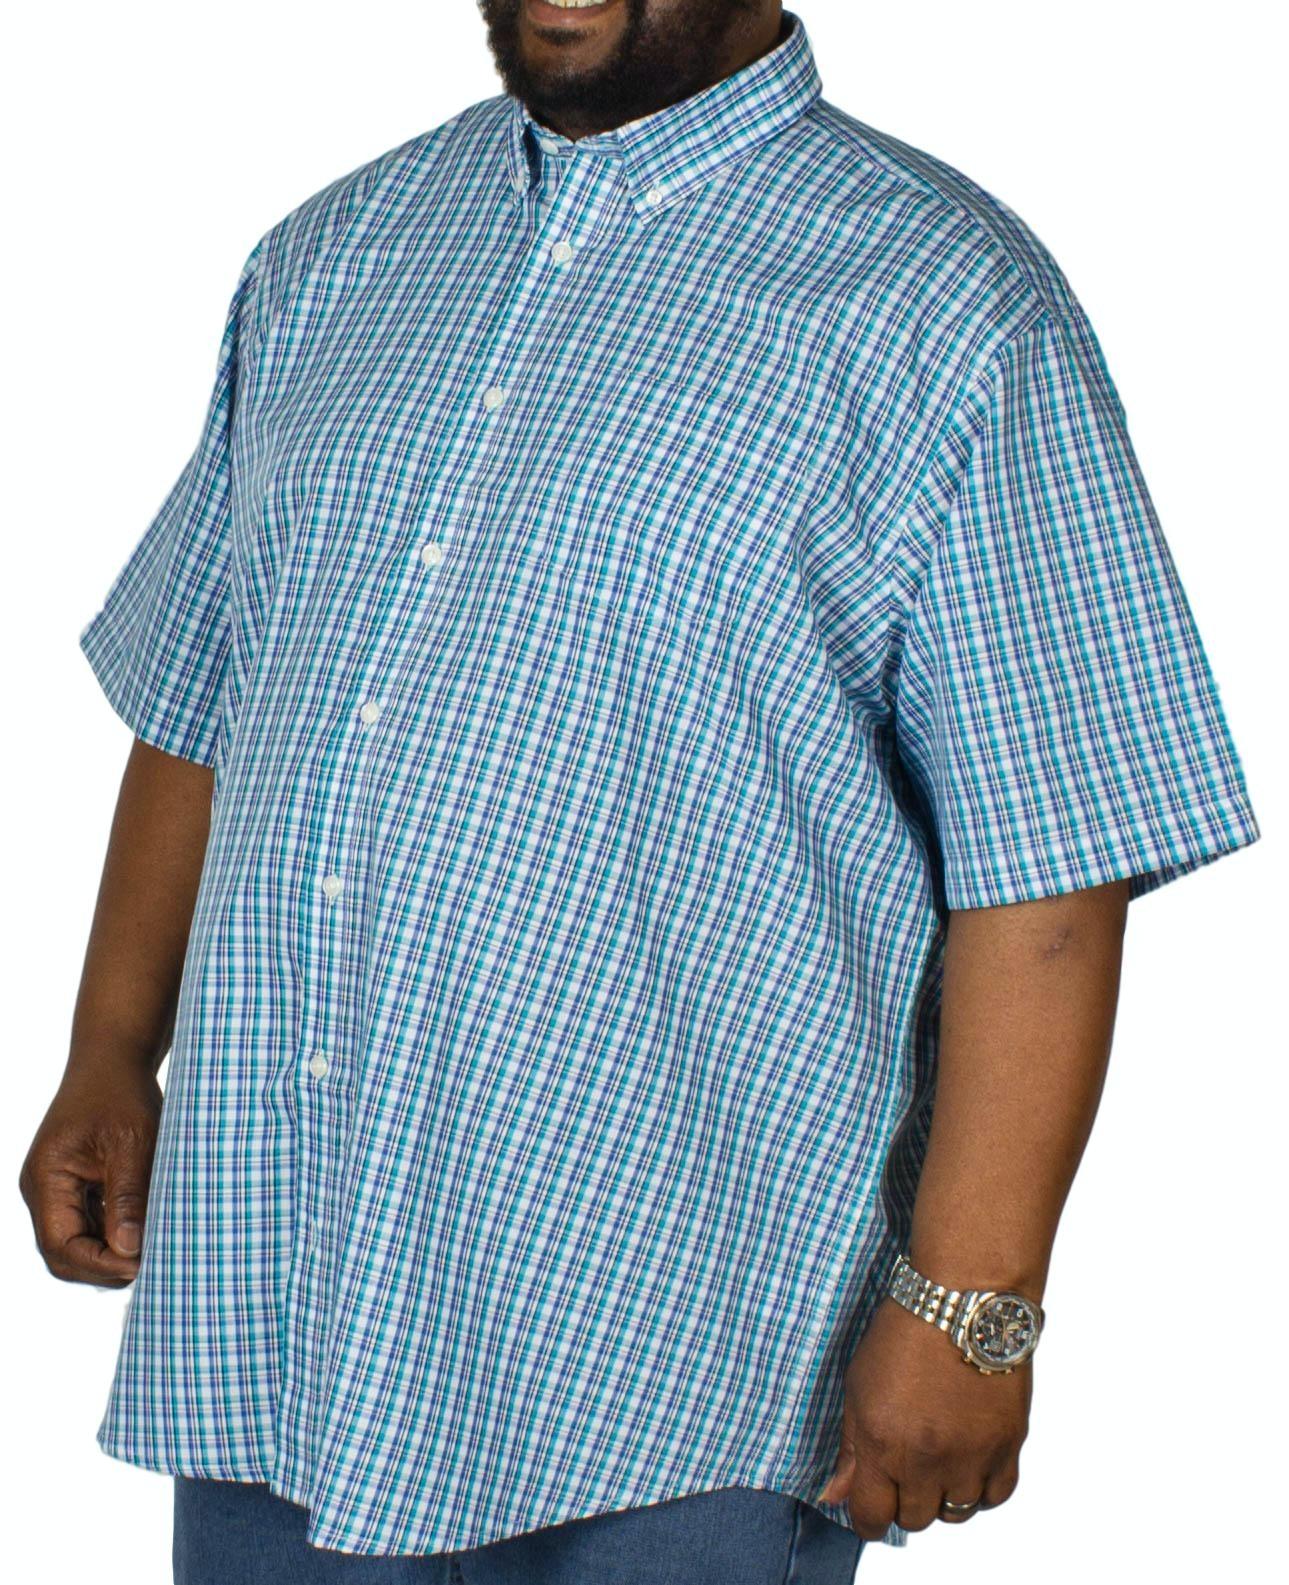 Carabou Check Short Sleeve Shirt Mint